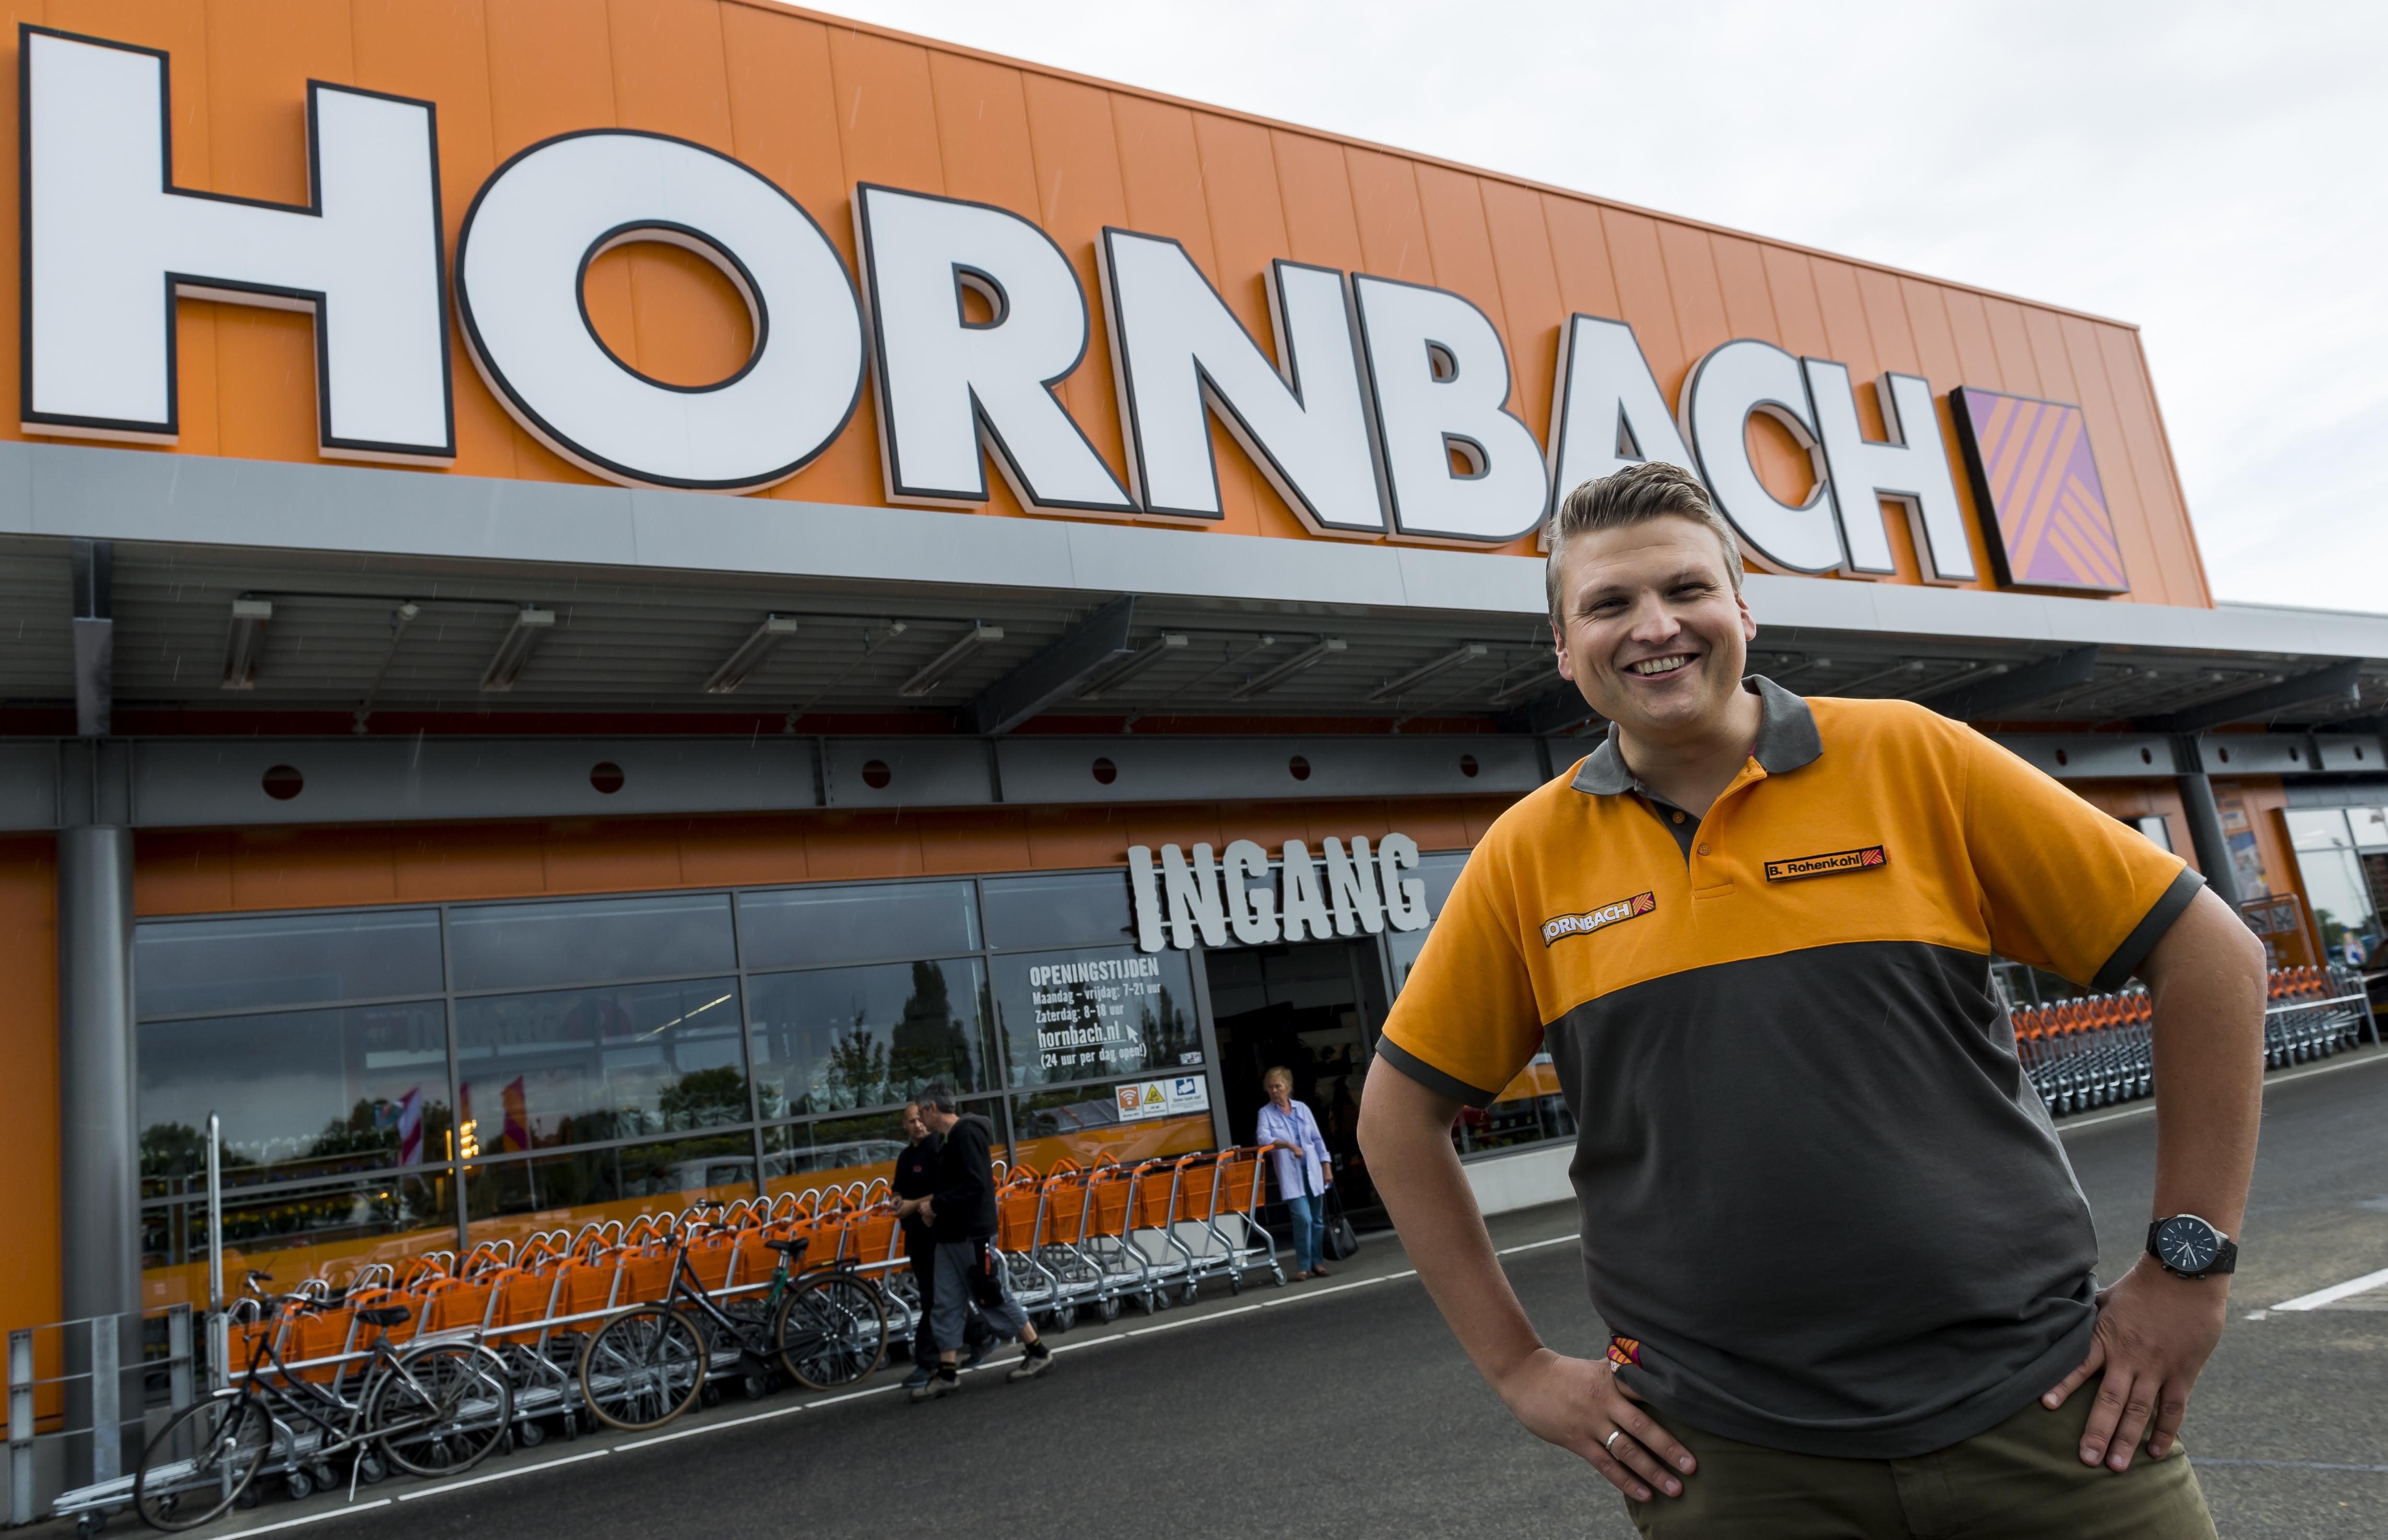 Hornbach Geleen geopend Hornbach Newsroom